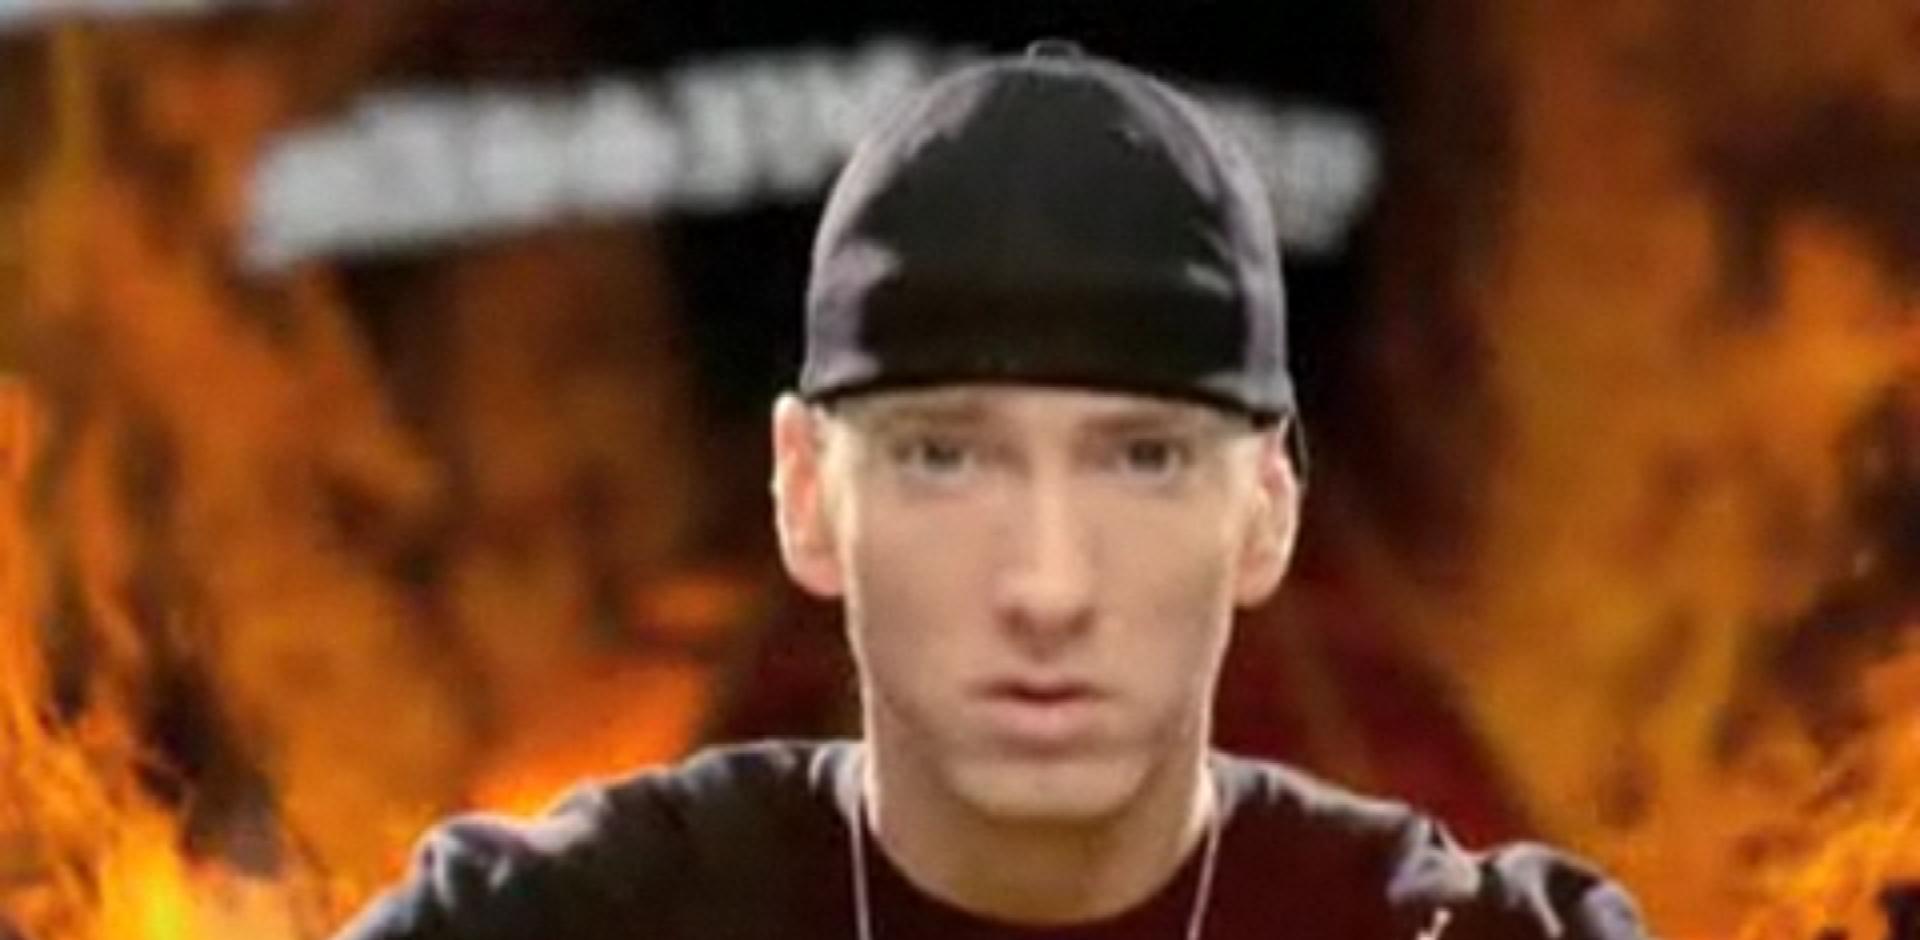 Tatuajes De Eminem Excellent Tatuajes De Eminem With Tatuajes De